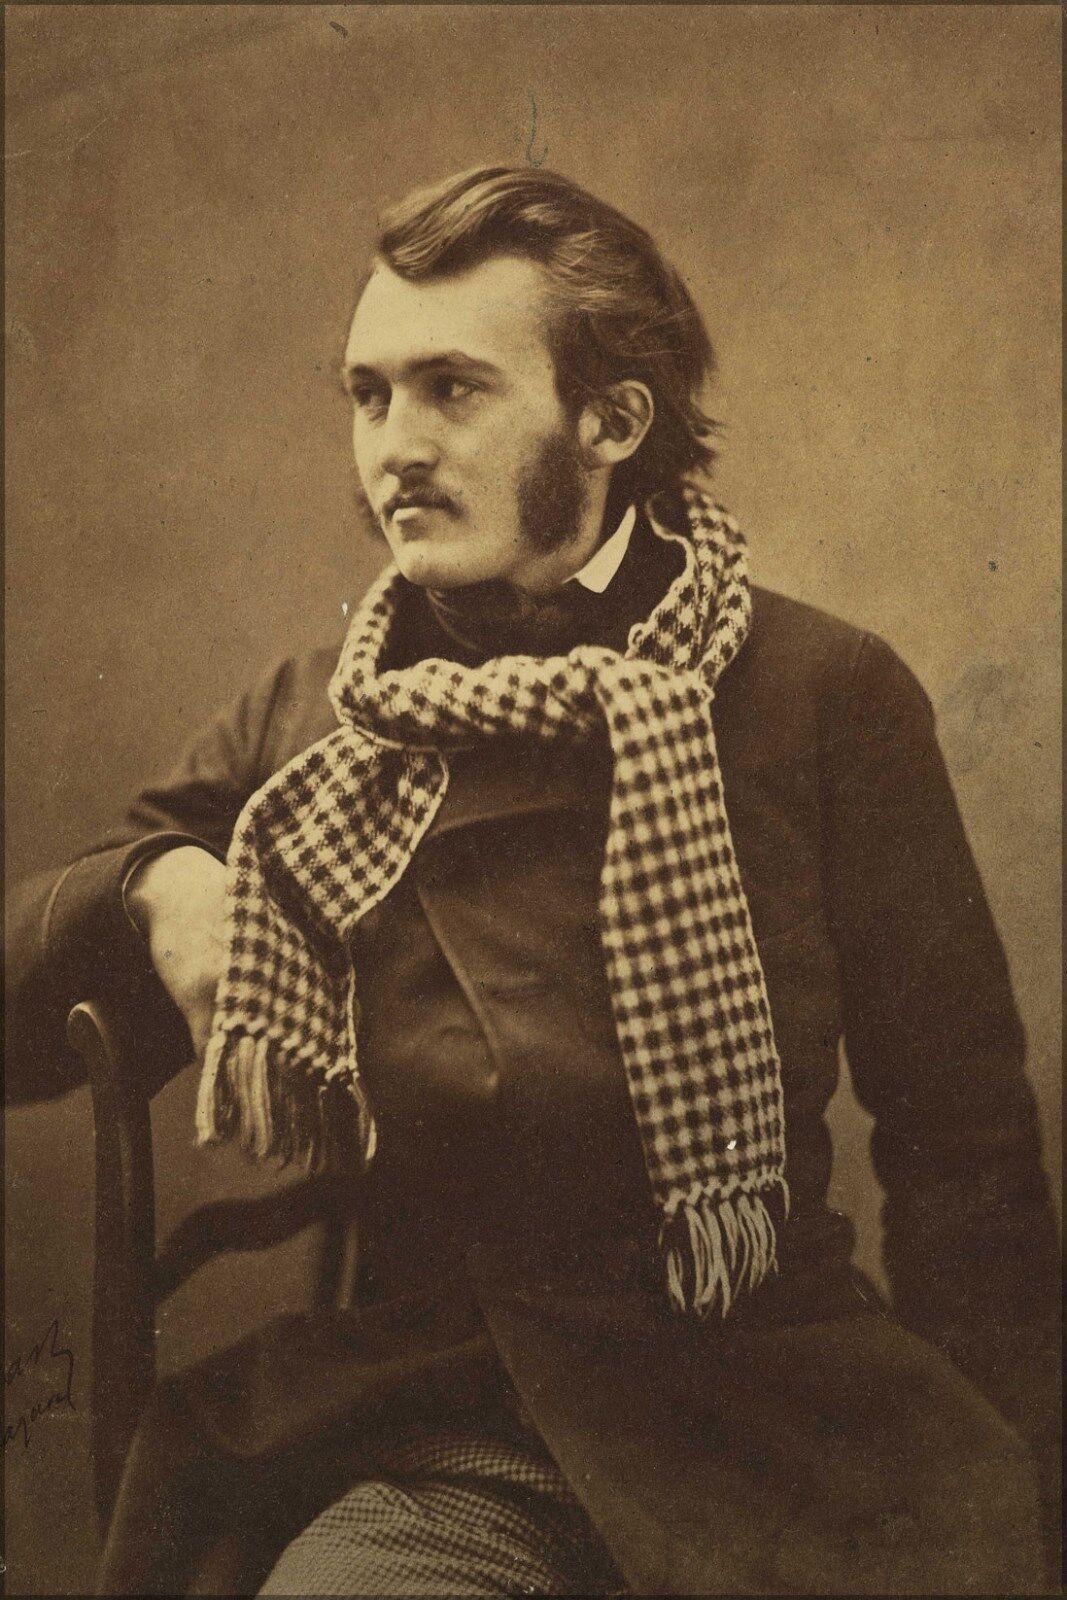 Poster, Many Größes; Paul Gustave Dore By Felix Nadar 1855-1859